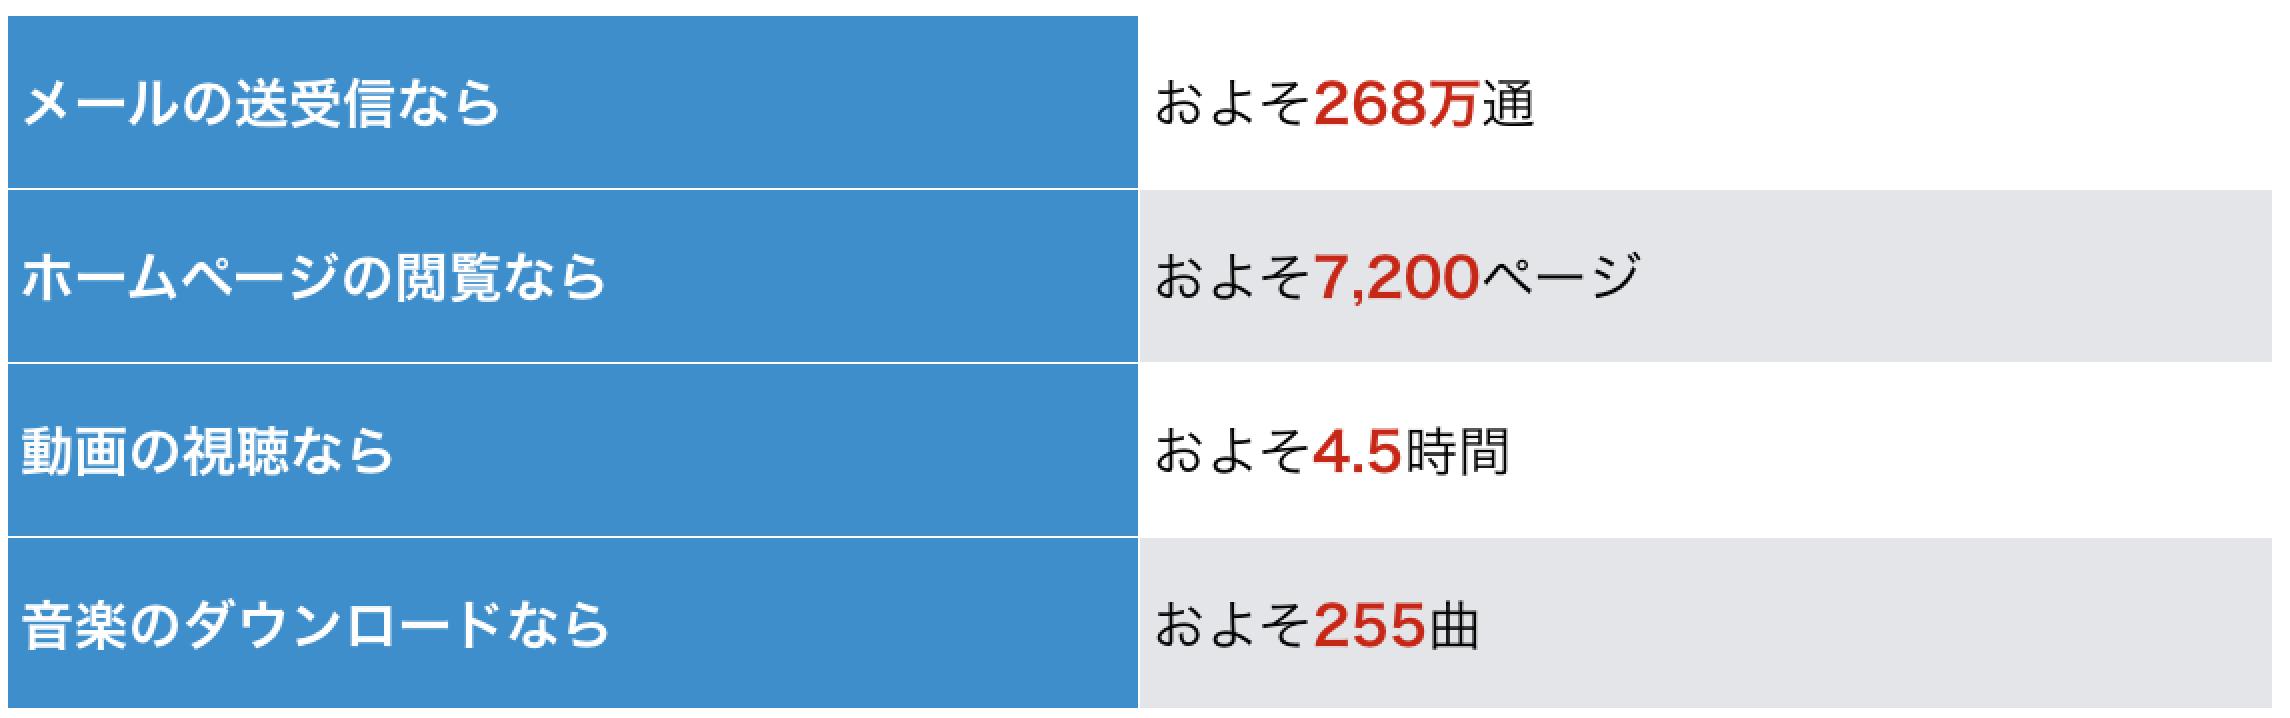 ポケットwifi データ容量7GBの基準